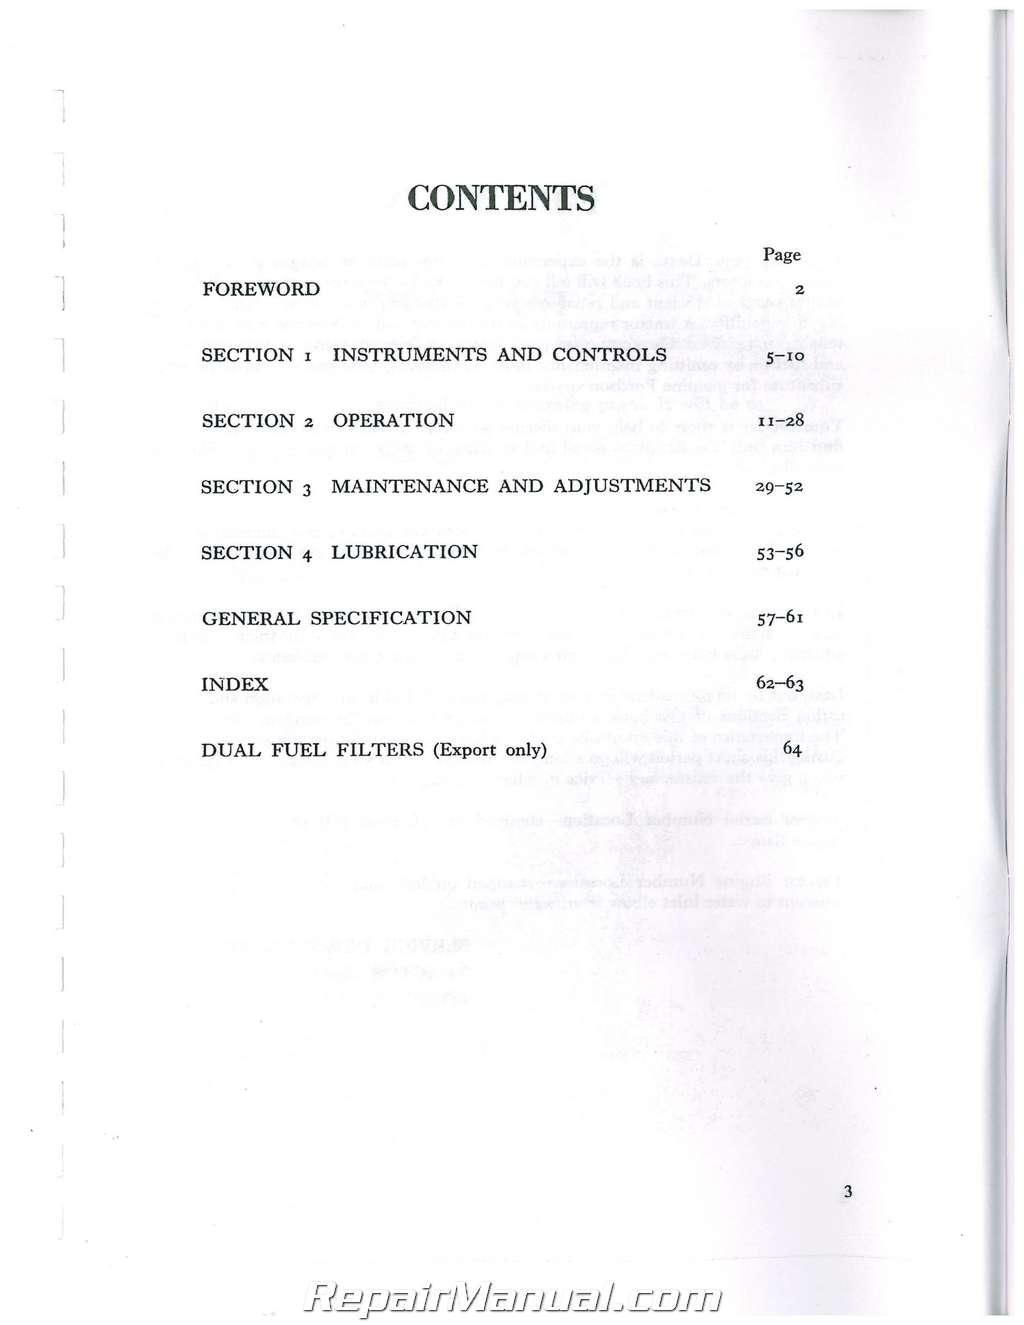 Fordson Dexta Super Dexta Operators Manual